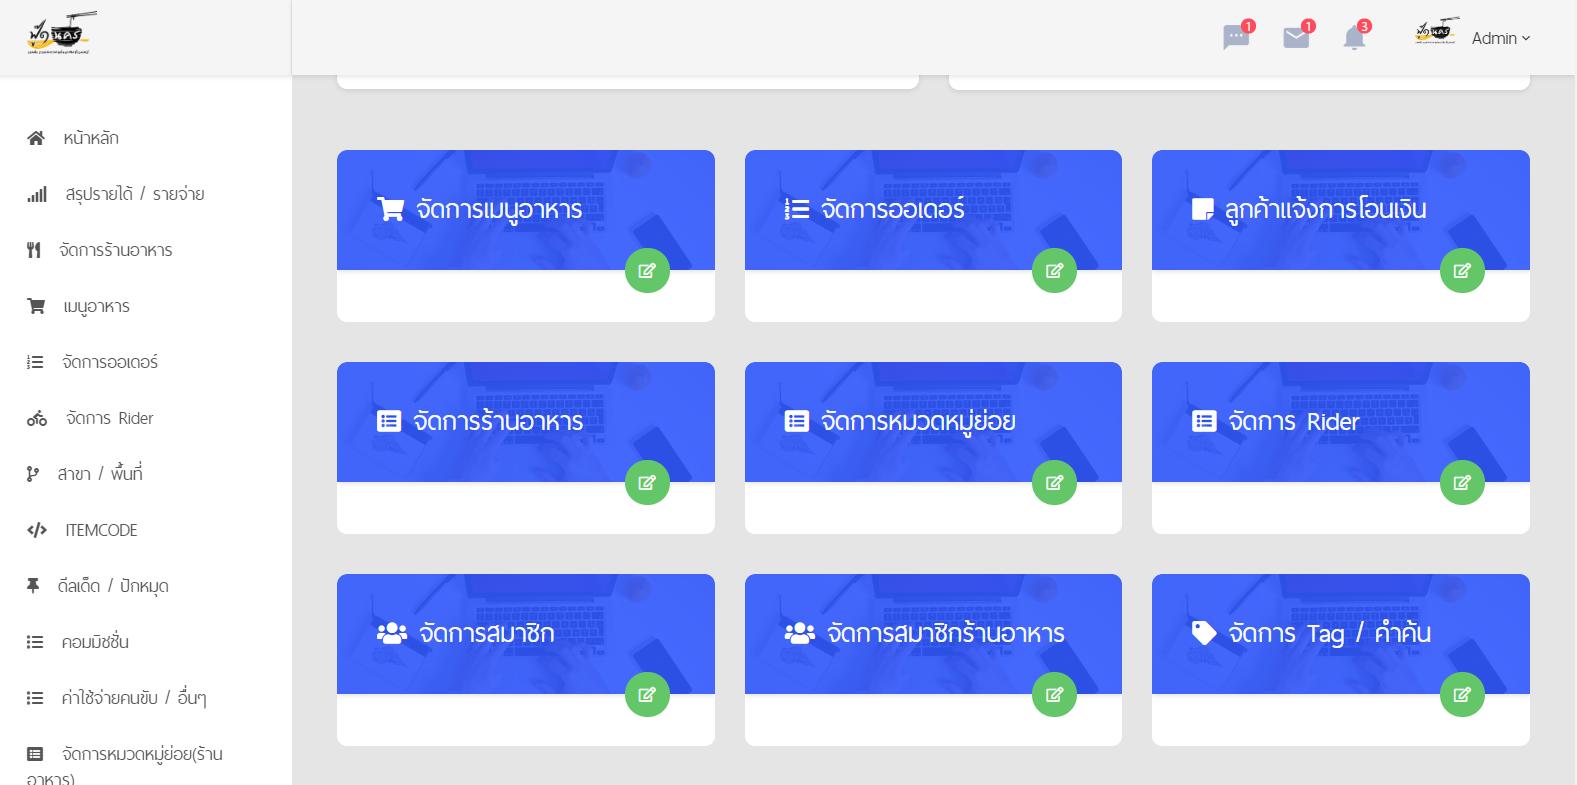 ระบบภายในอย่างละเอียด  รับทำเว็บไซต์,ภาคใต้,application,ios,android